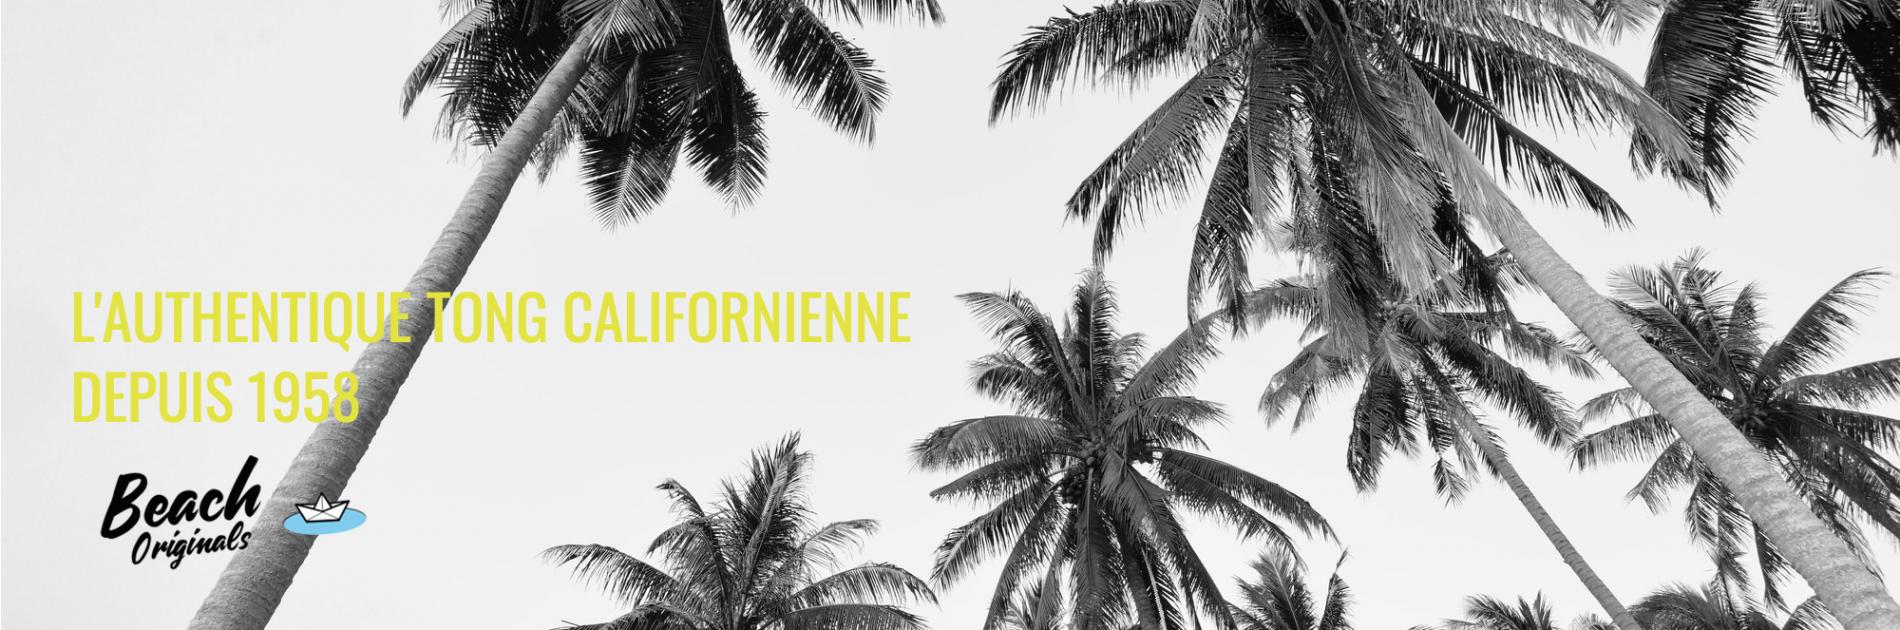 page d'accueil bureau Beach Originals sur fond de palmiers, texte couleur jaune banane et logo